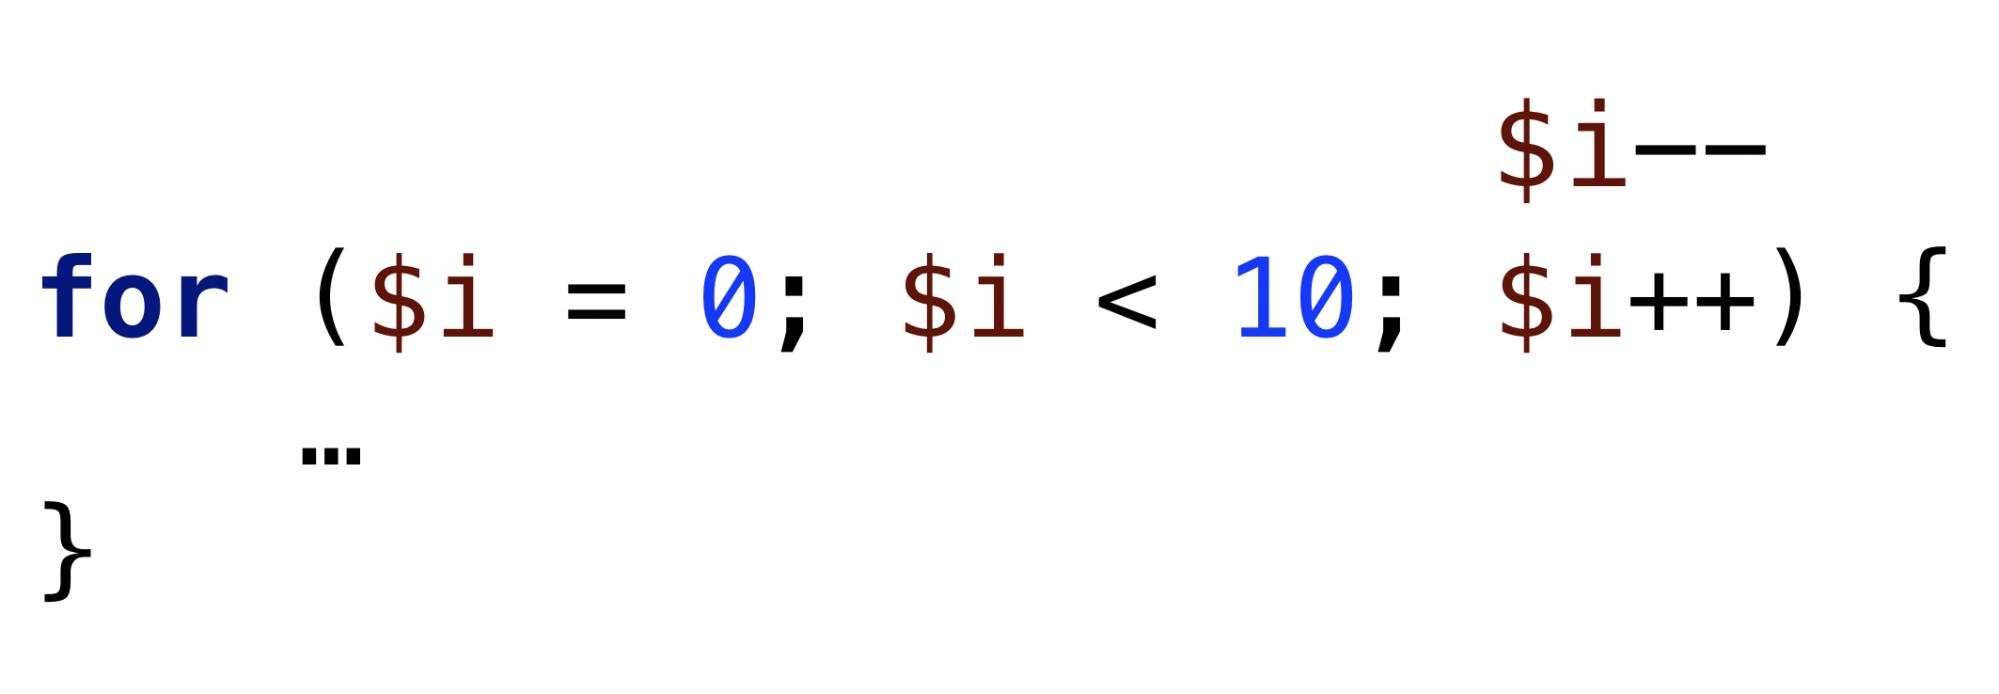 Мутационное тестирование в PHP: качественное измерение для code coverage - 7